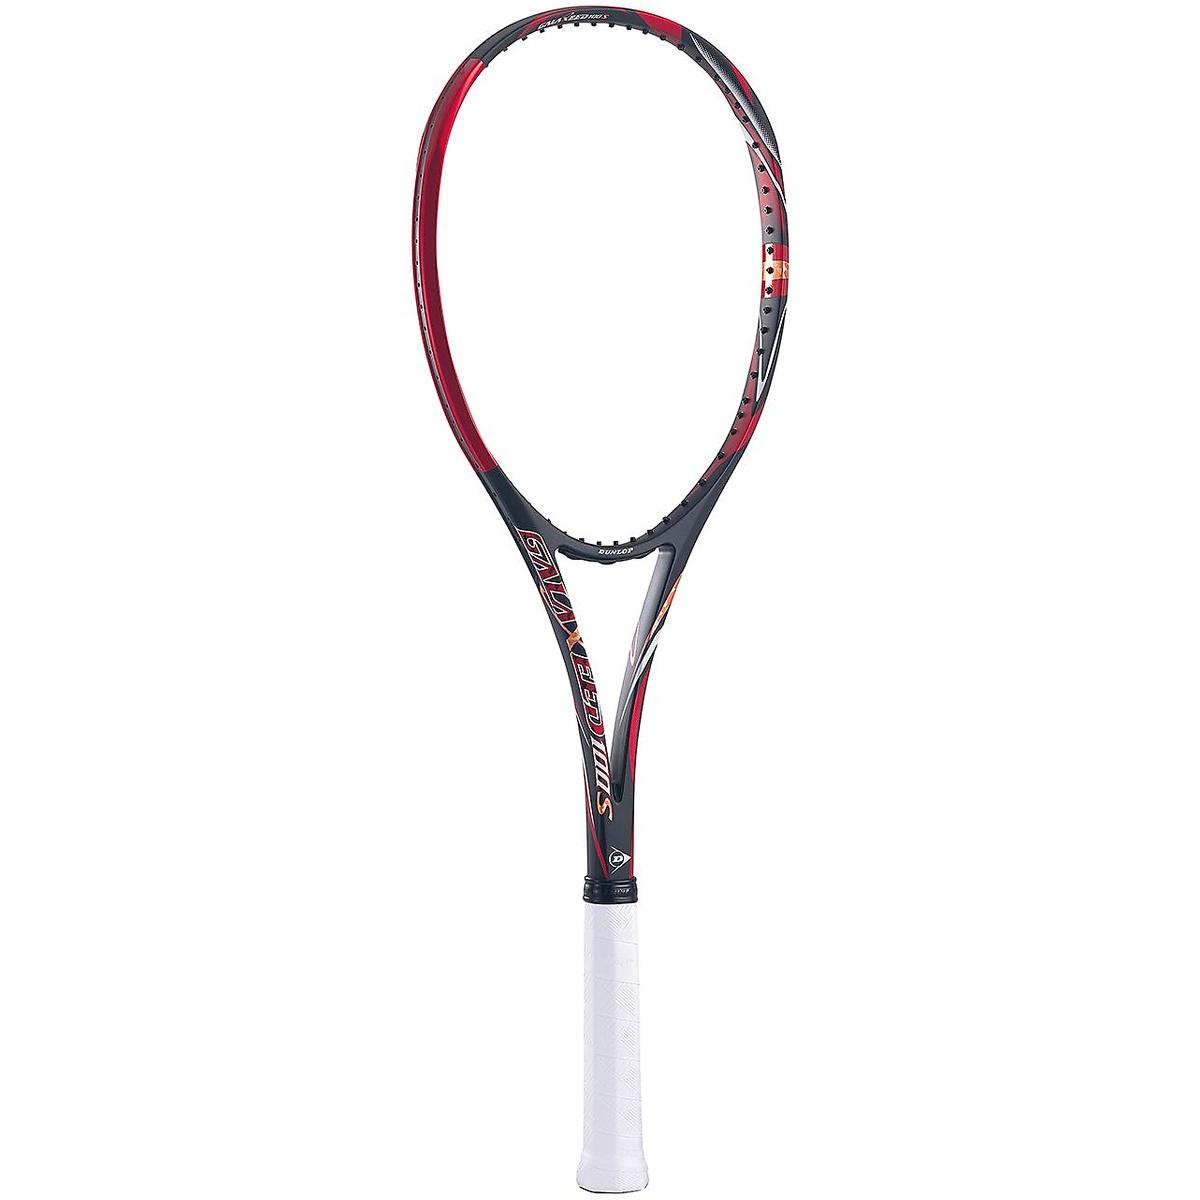 【送料無料】 DUNLOP (ダンロップ) 【フレームのみ】ソフトテニス フレームラケット 19 DUNLOP GALAXEED 100S USL1 BLK/RED DS41900